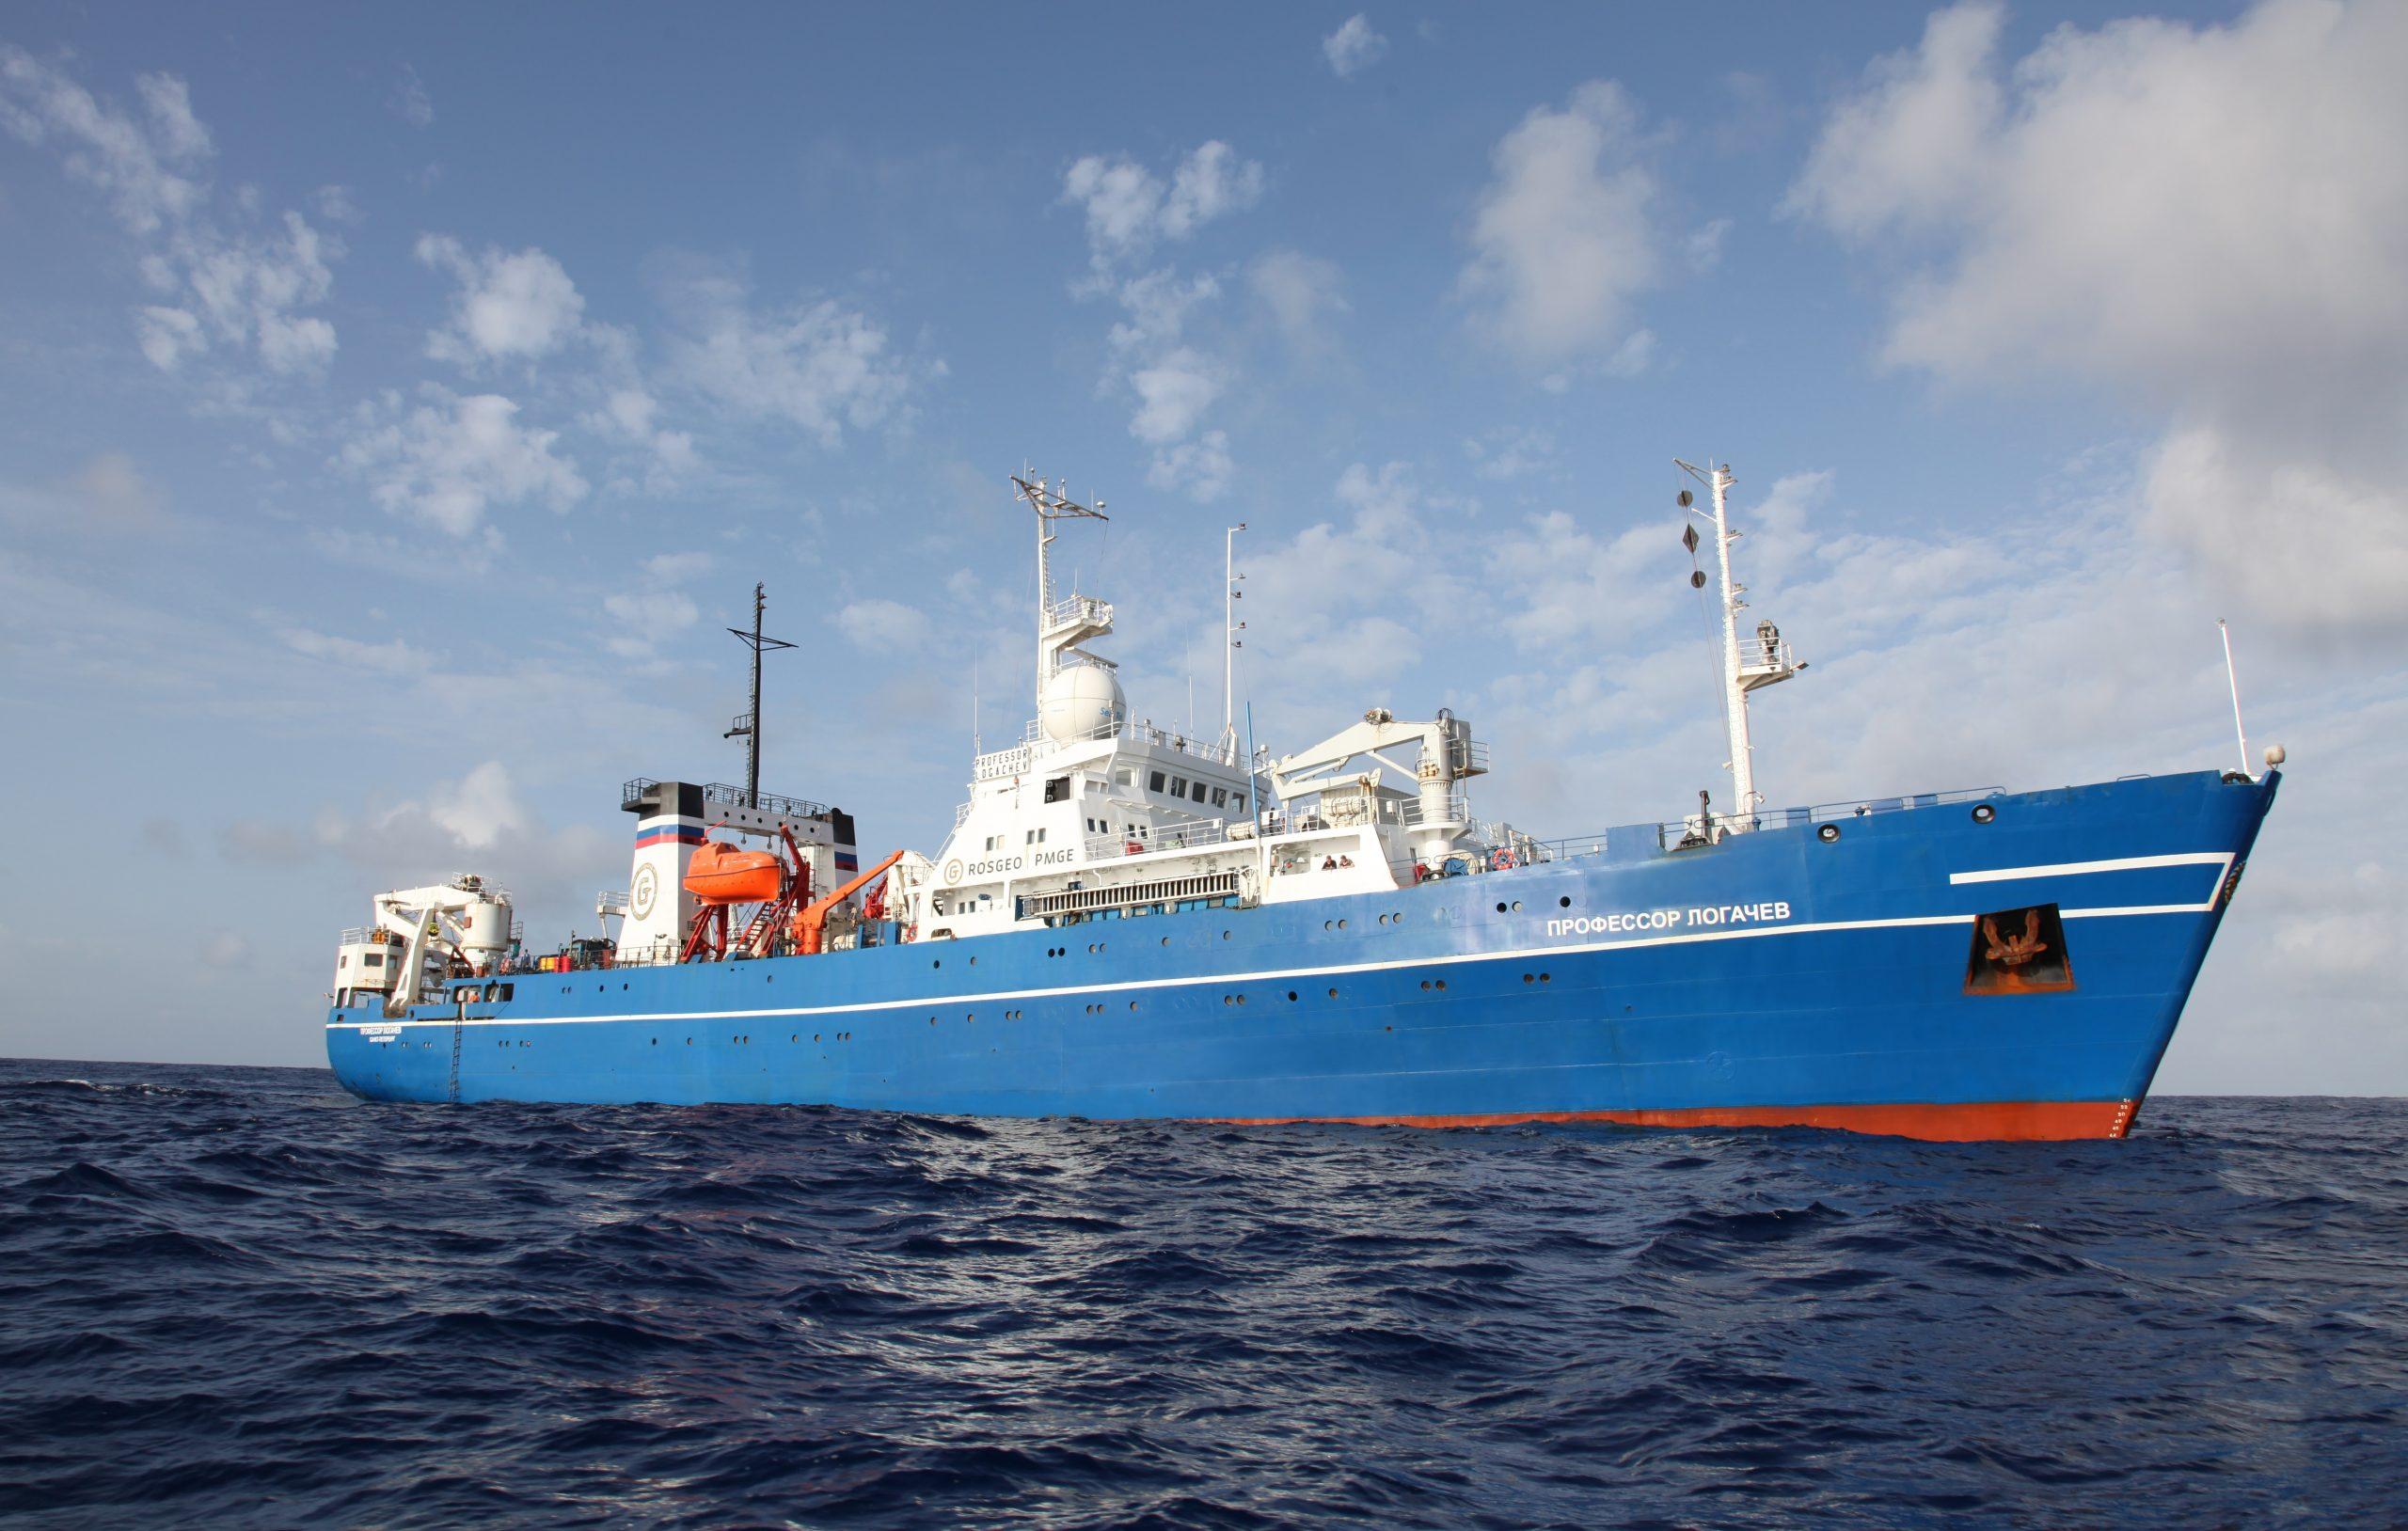 Завершился первый этап морских исследований в рамках проекта Arctic Connect 1